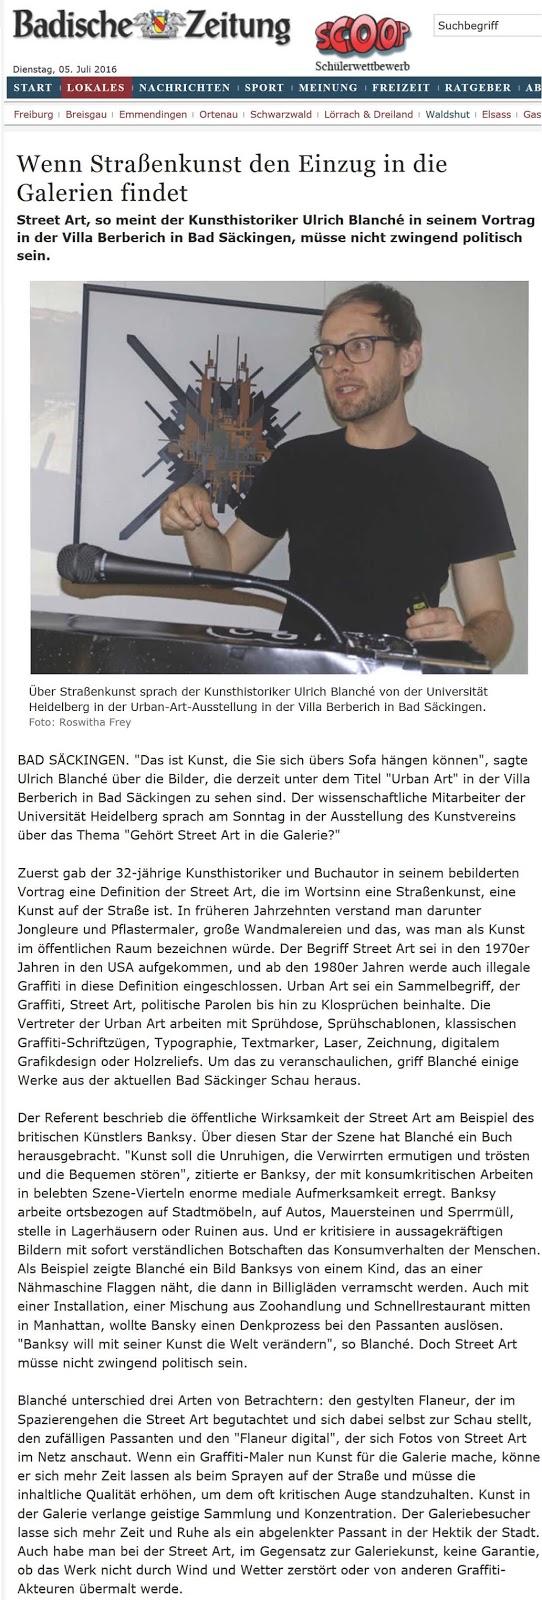 http://www.badische-zeitung.de/bad-saeckingen/wenn-strassenkunst-den-einzug-in-die-galerien-findet--124414115.html